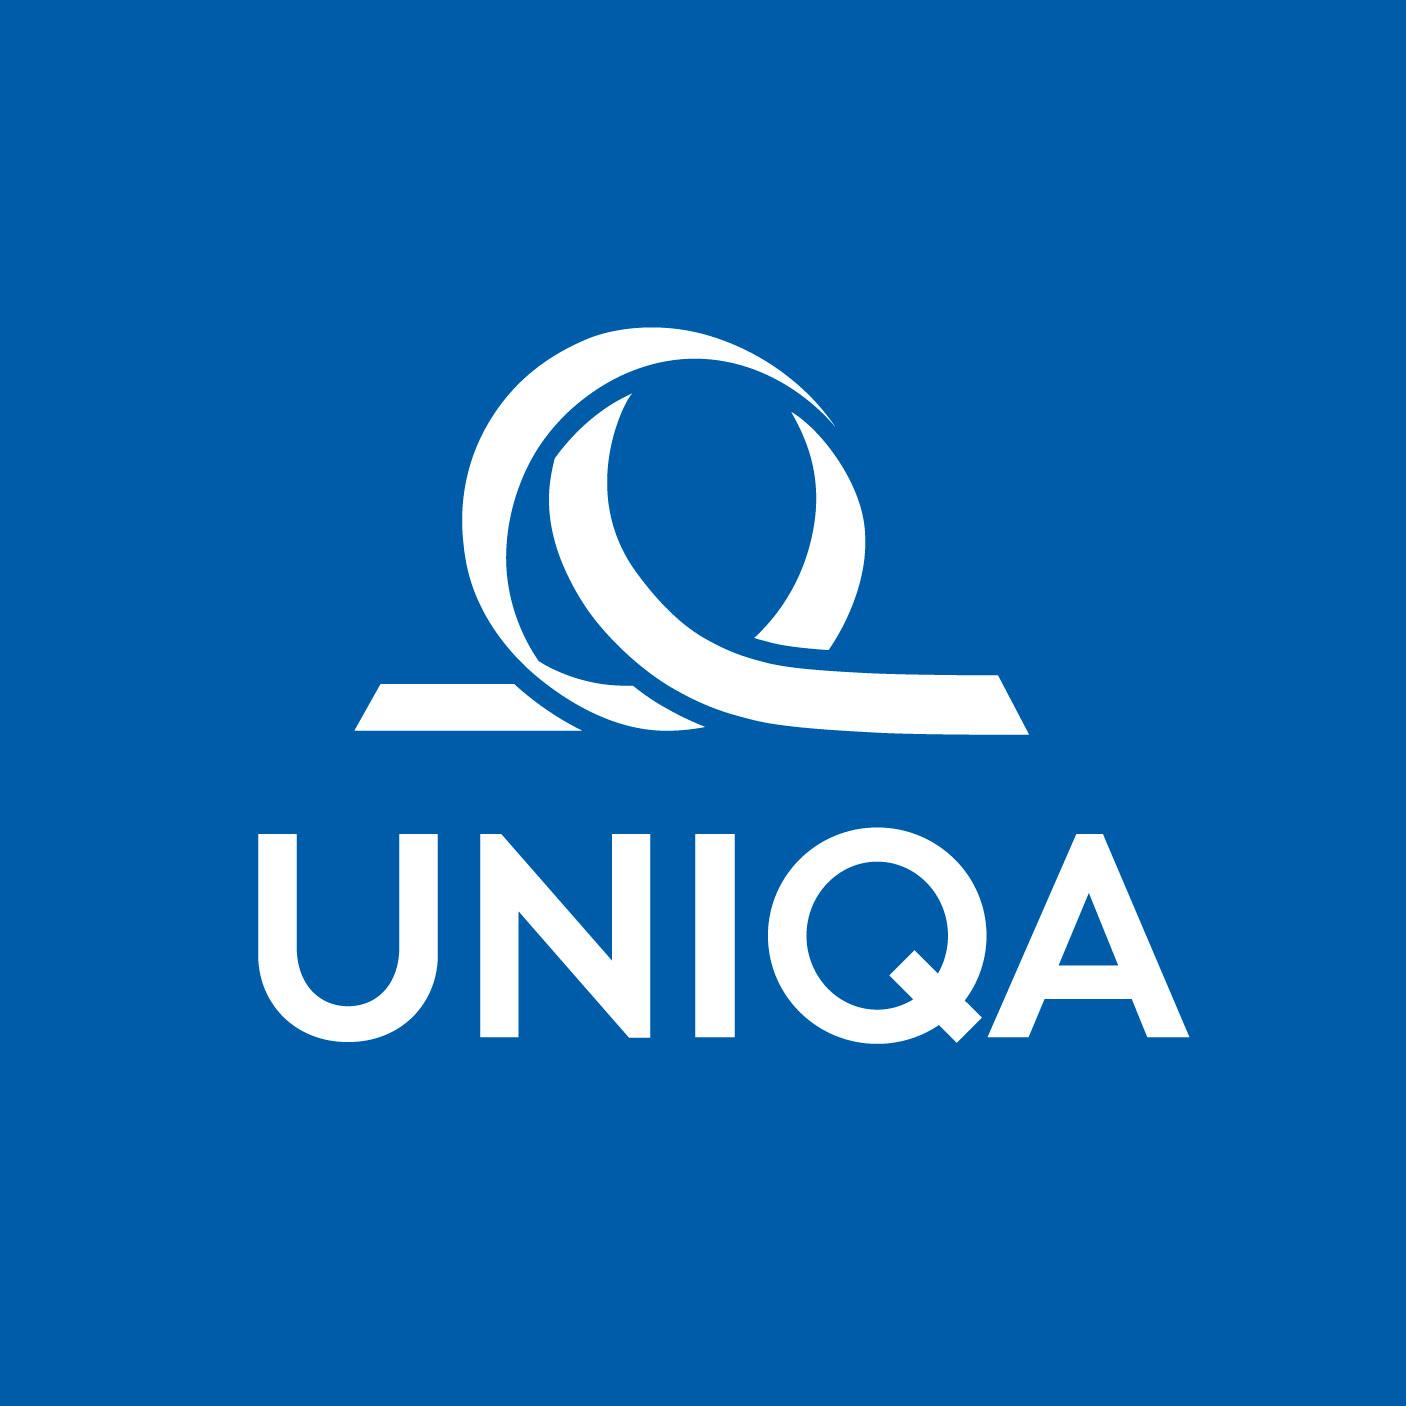 UNIQA Kfz Zulassungsstelle Richard-Strauss-Straße